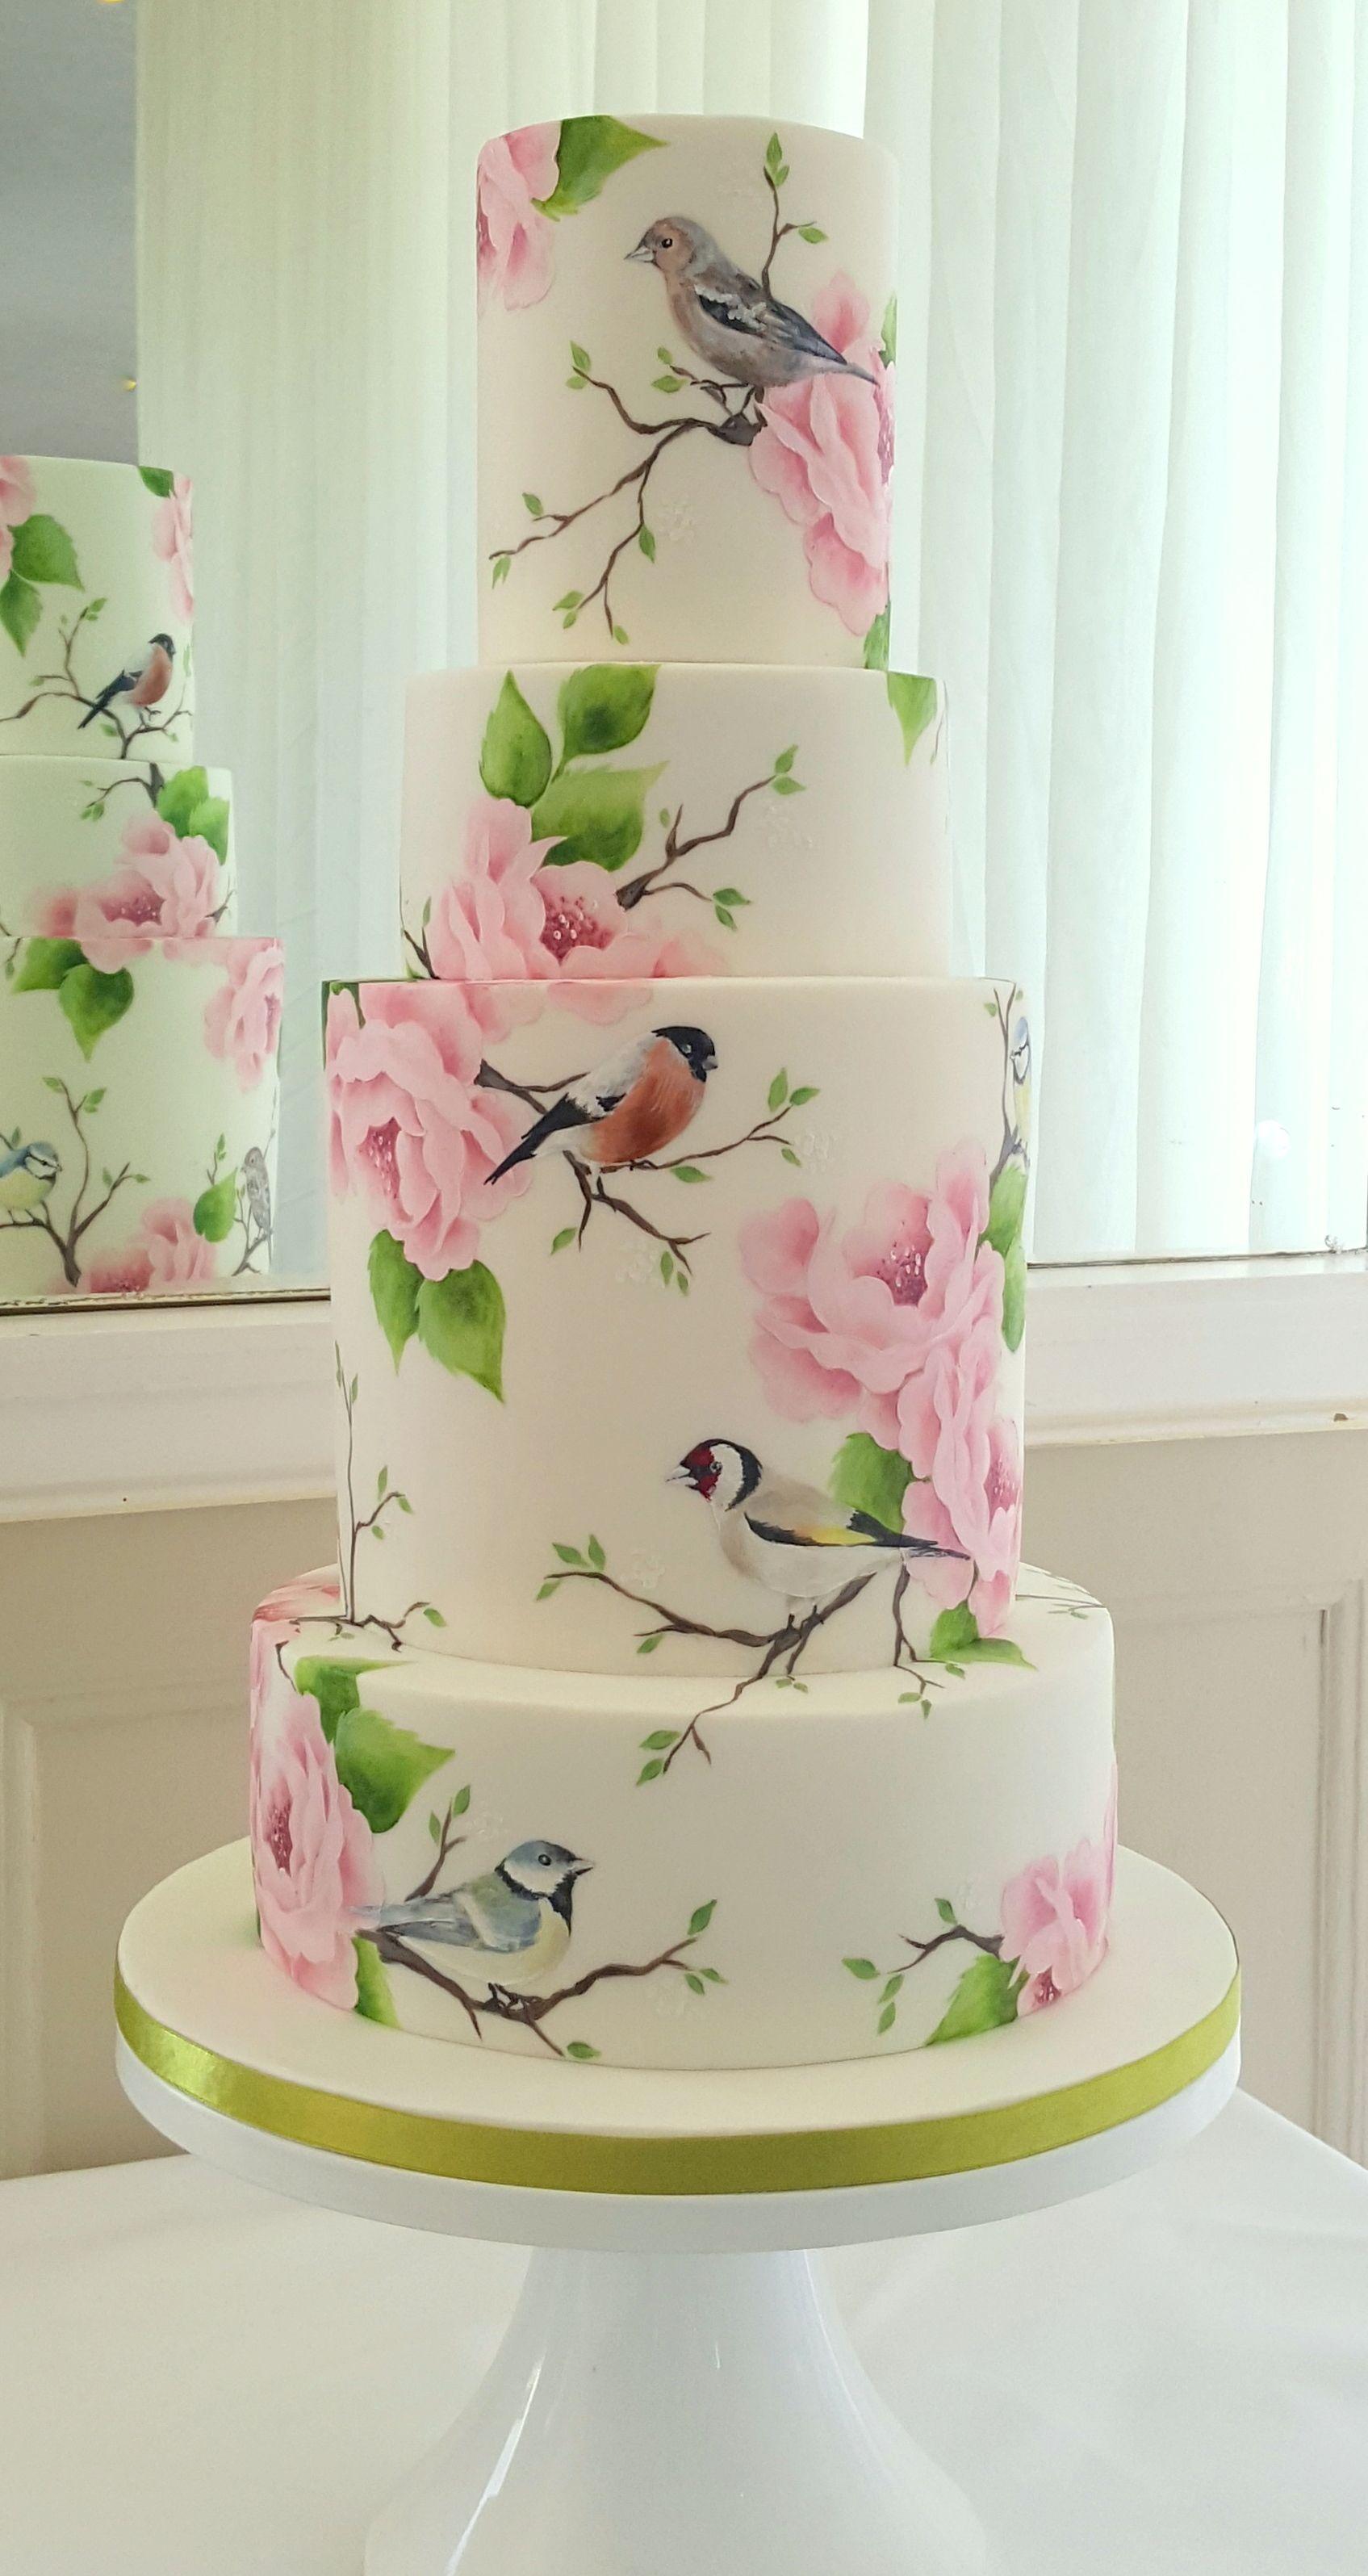 Handgemalte Hochzeitstorte mit Illustrationen britischer Gartenvögel. hoch …   – Moms 65th